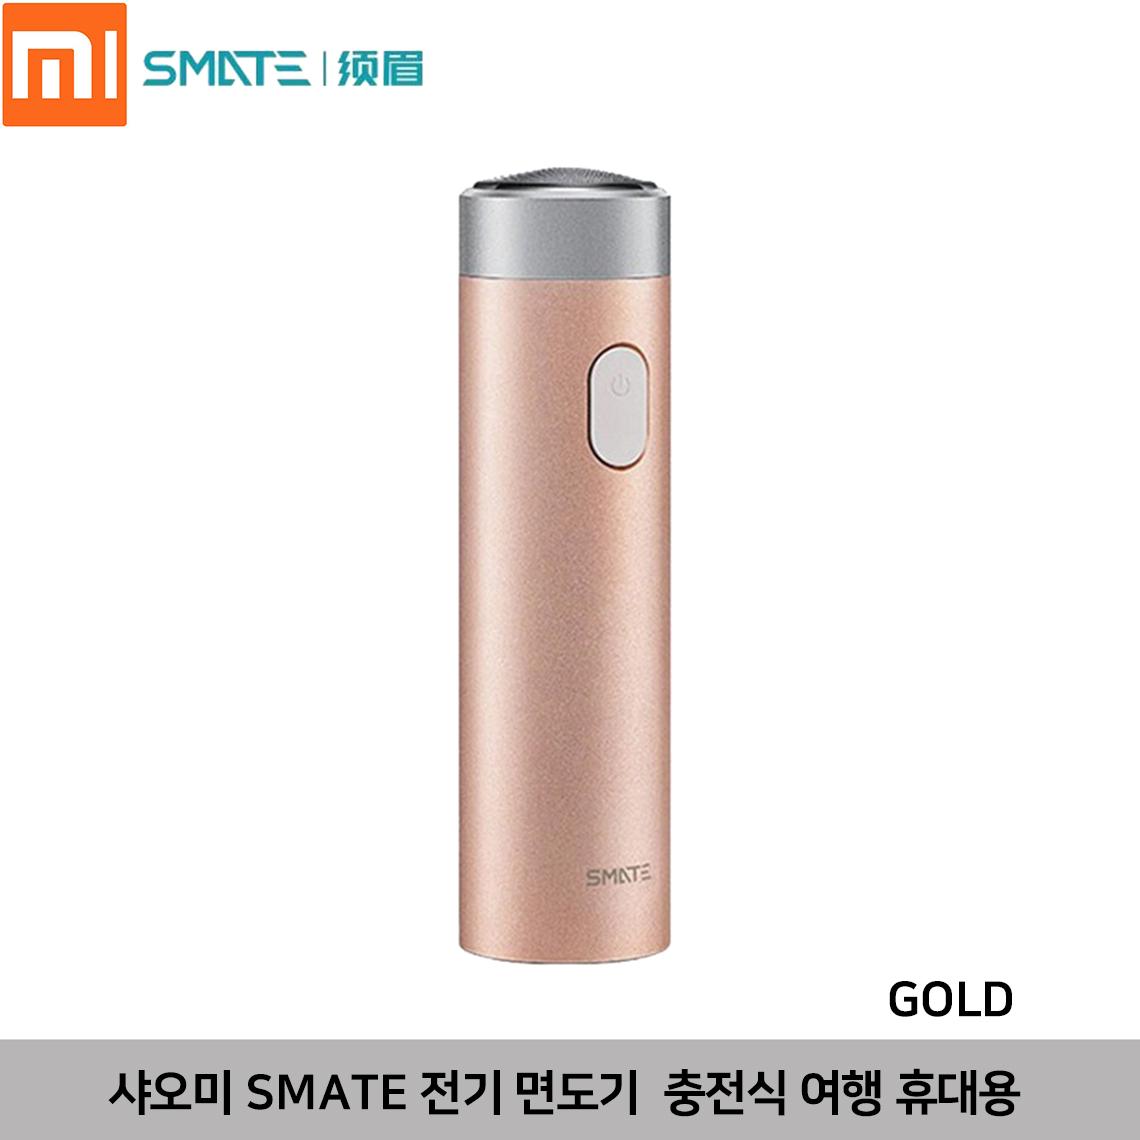 샤오미 SMATE 전기 면도기 남성면도기 빠른 충전 휴대용 수납 USB 충전식 여행 건습 양용, 골드, SMATE-Shaver-Standard-Gold